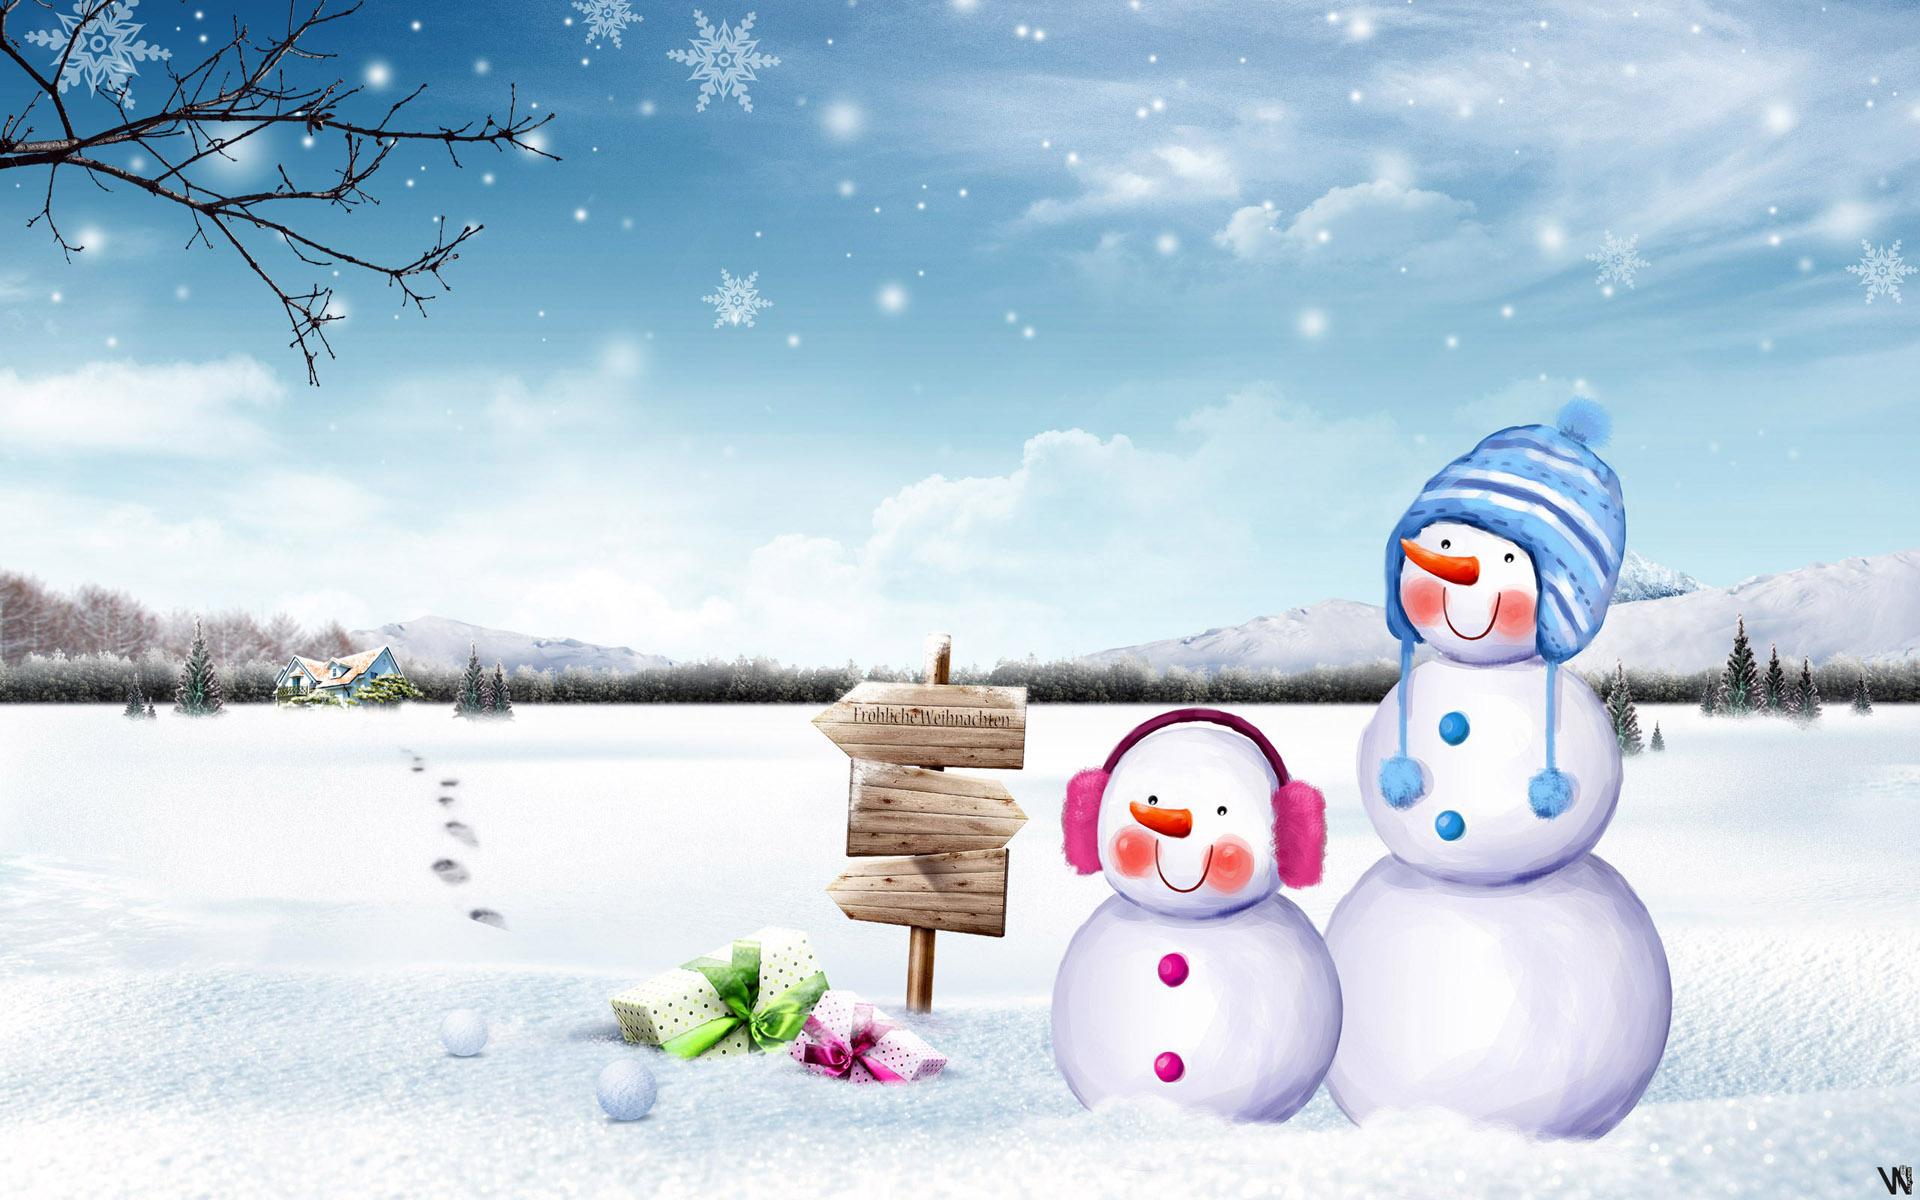 Снеговик на сноуборде  № 3290119 бесплатно